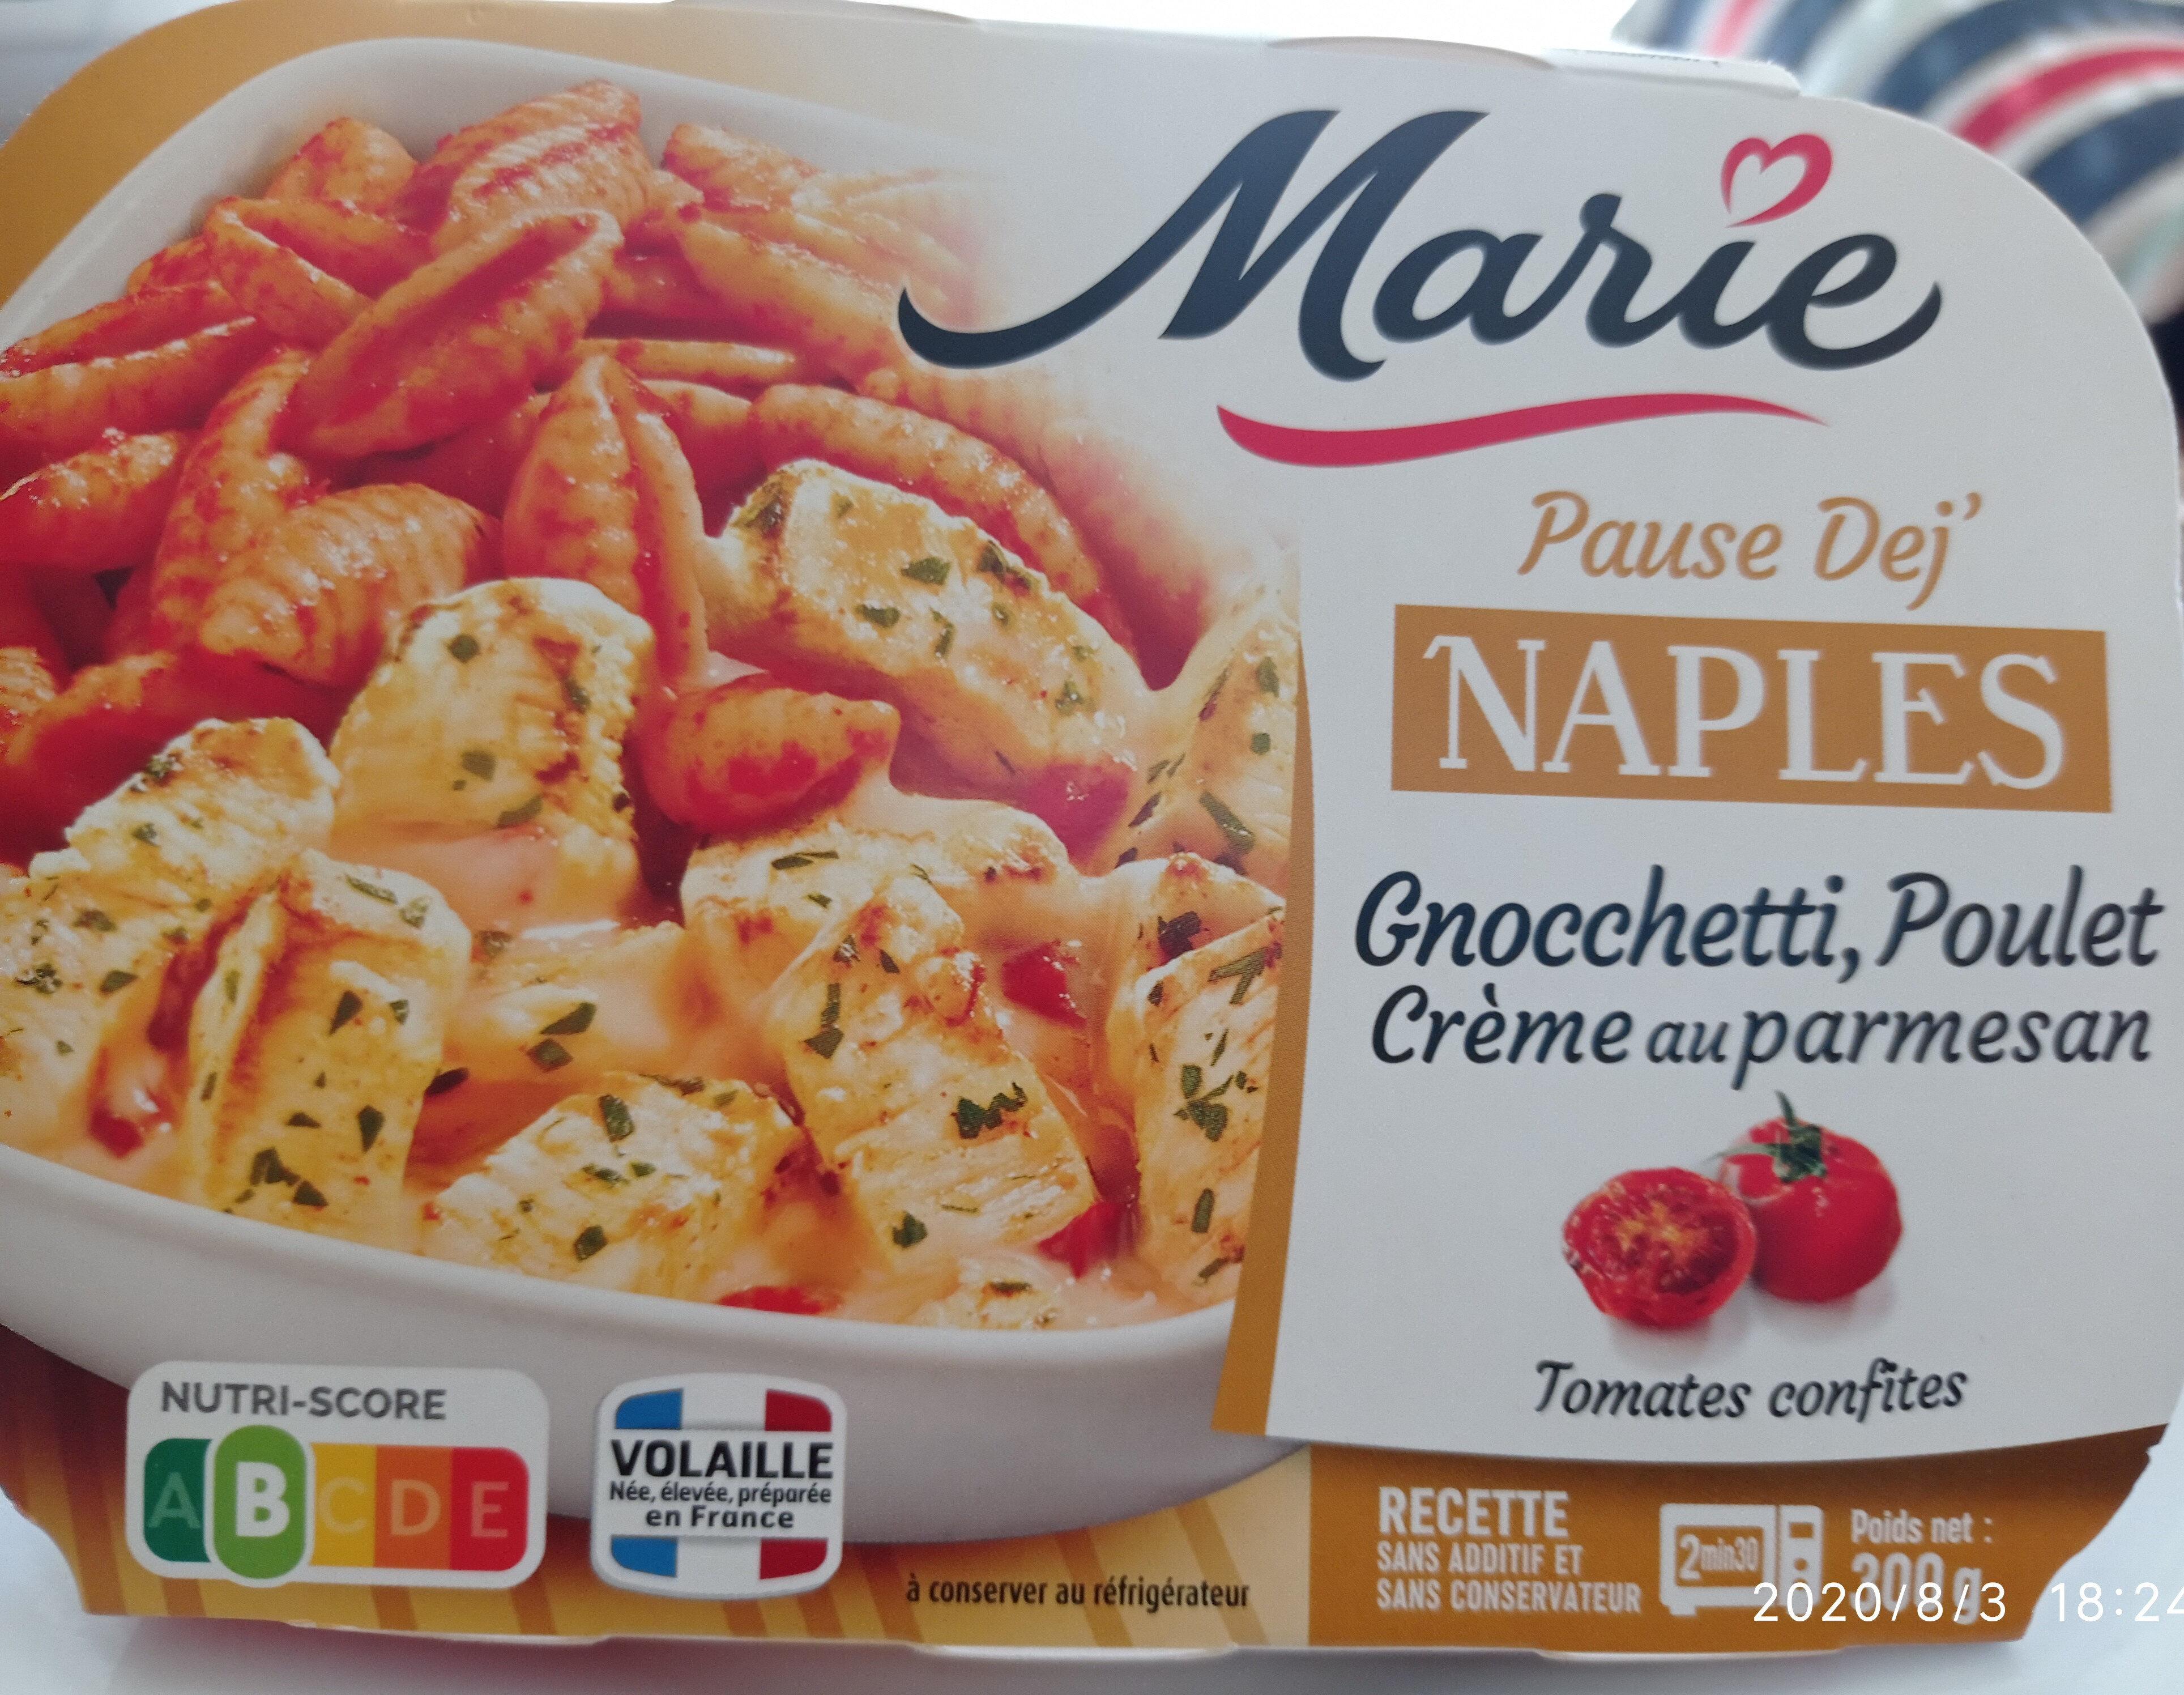 NAPLES - Gnocchetti poulet crème parmesan - Produit - fr